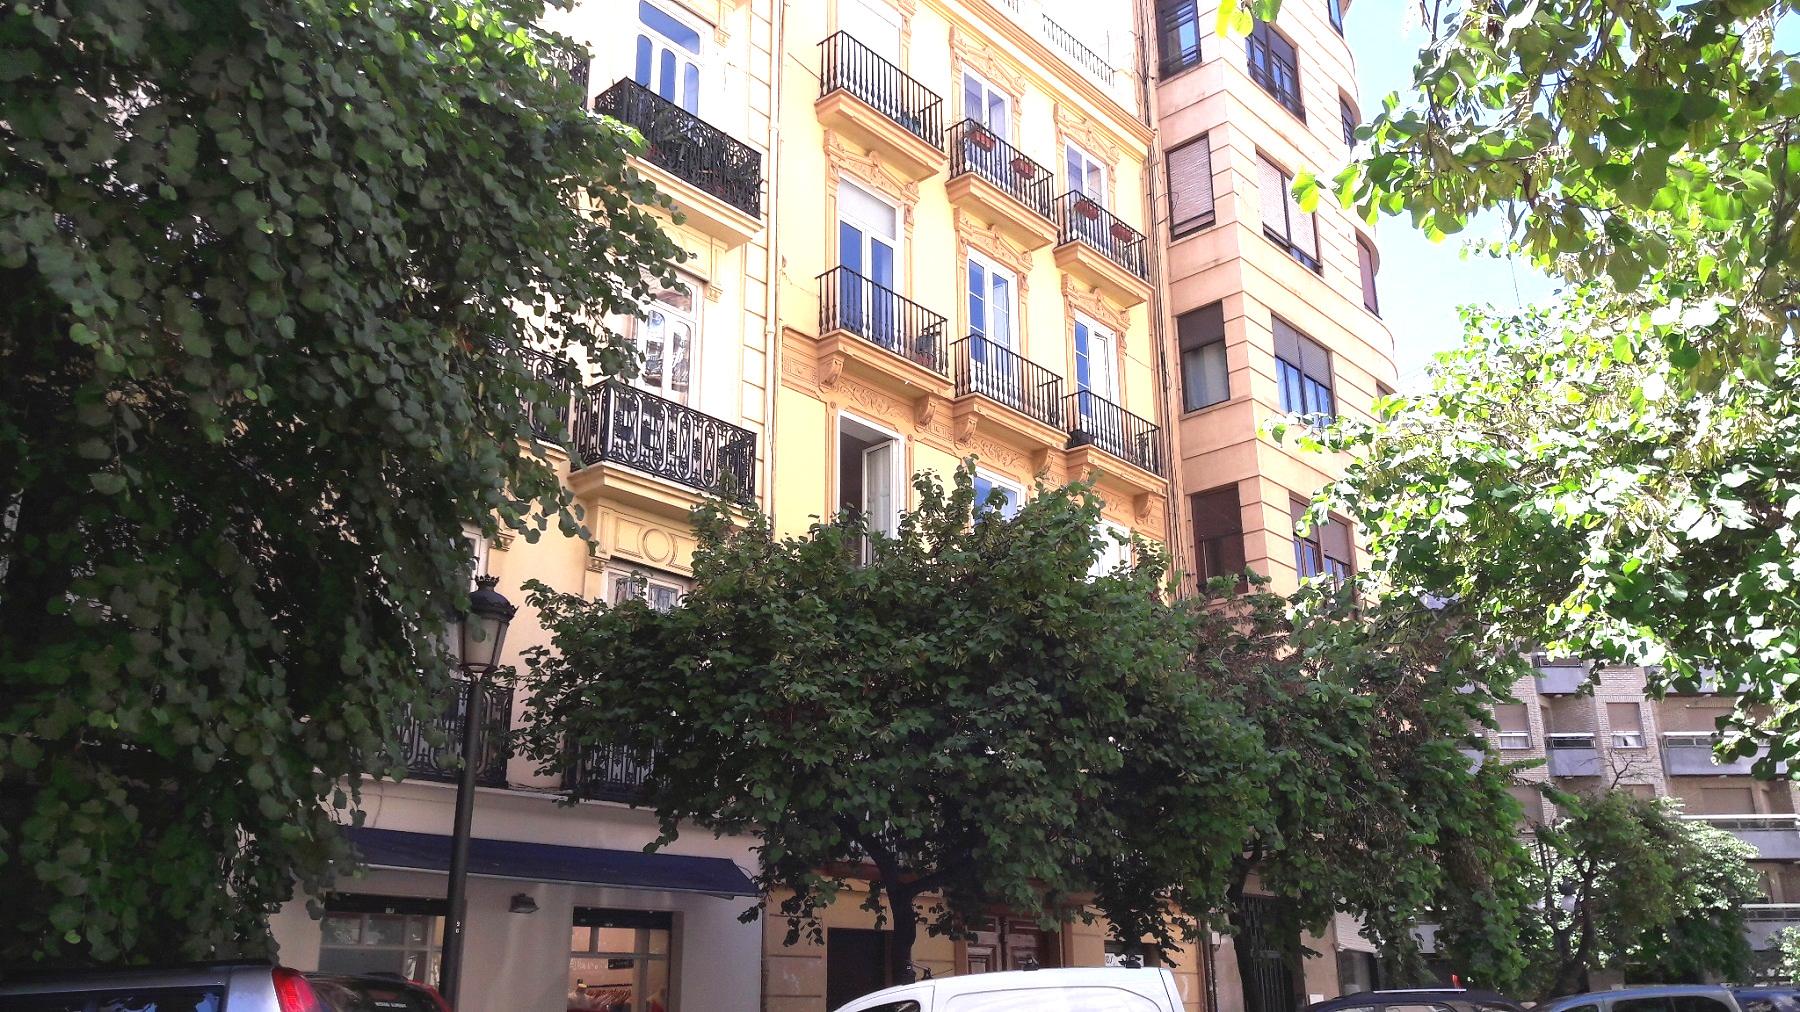 188337 - Piso en venta en Valencia / Vivienda centro Valencia